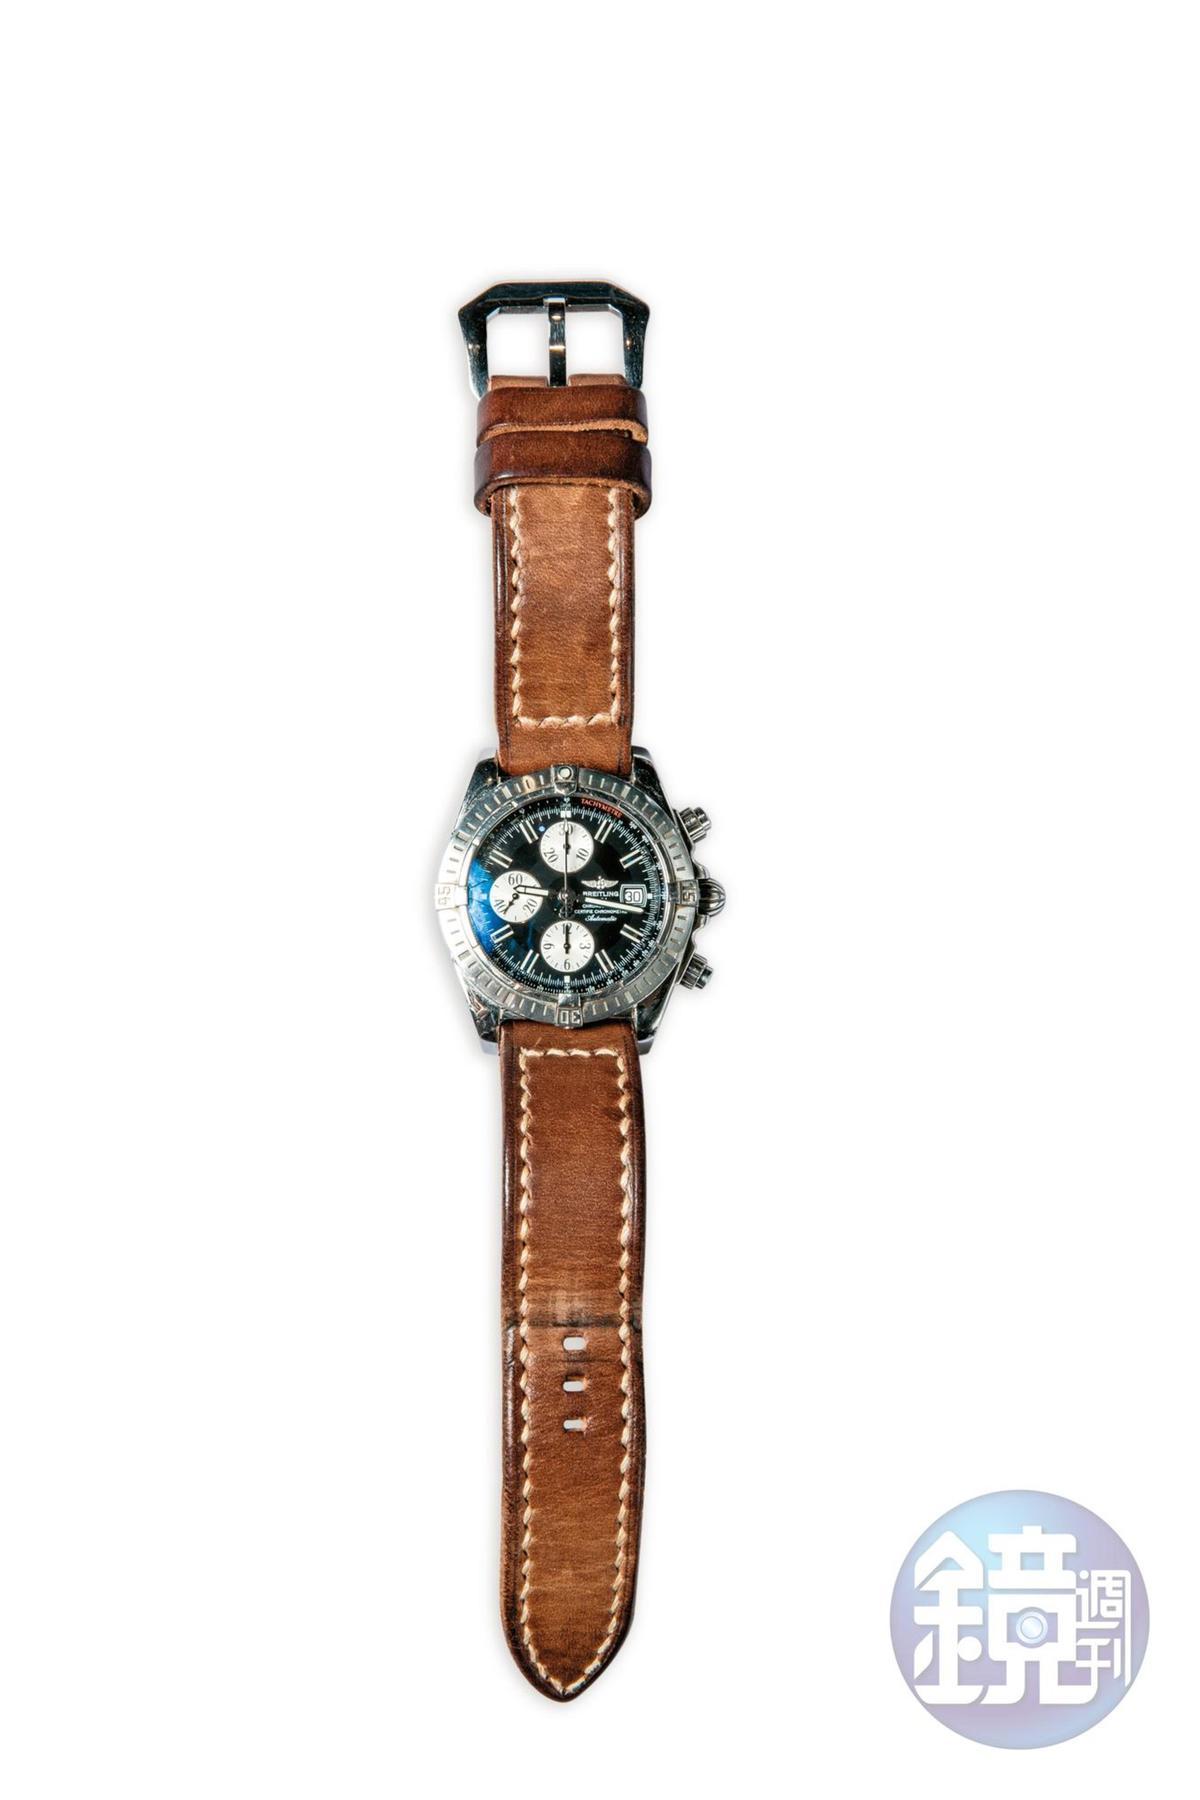 百年靈腕錶是媽媽送的21歲生日禮物,約NT$200,000。